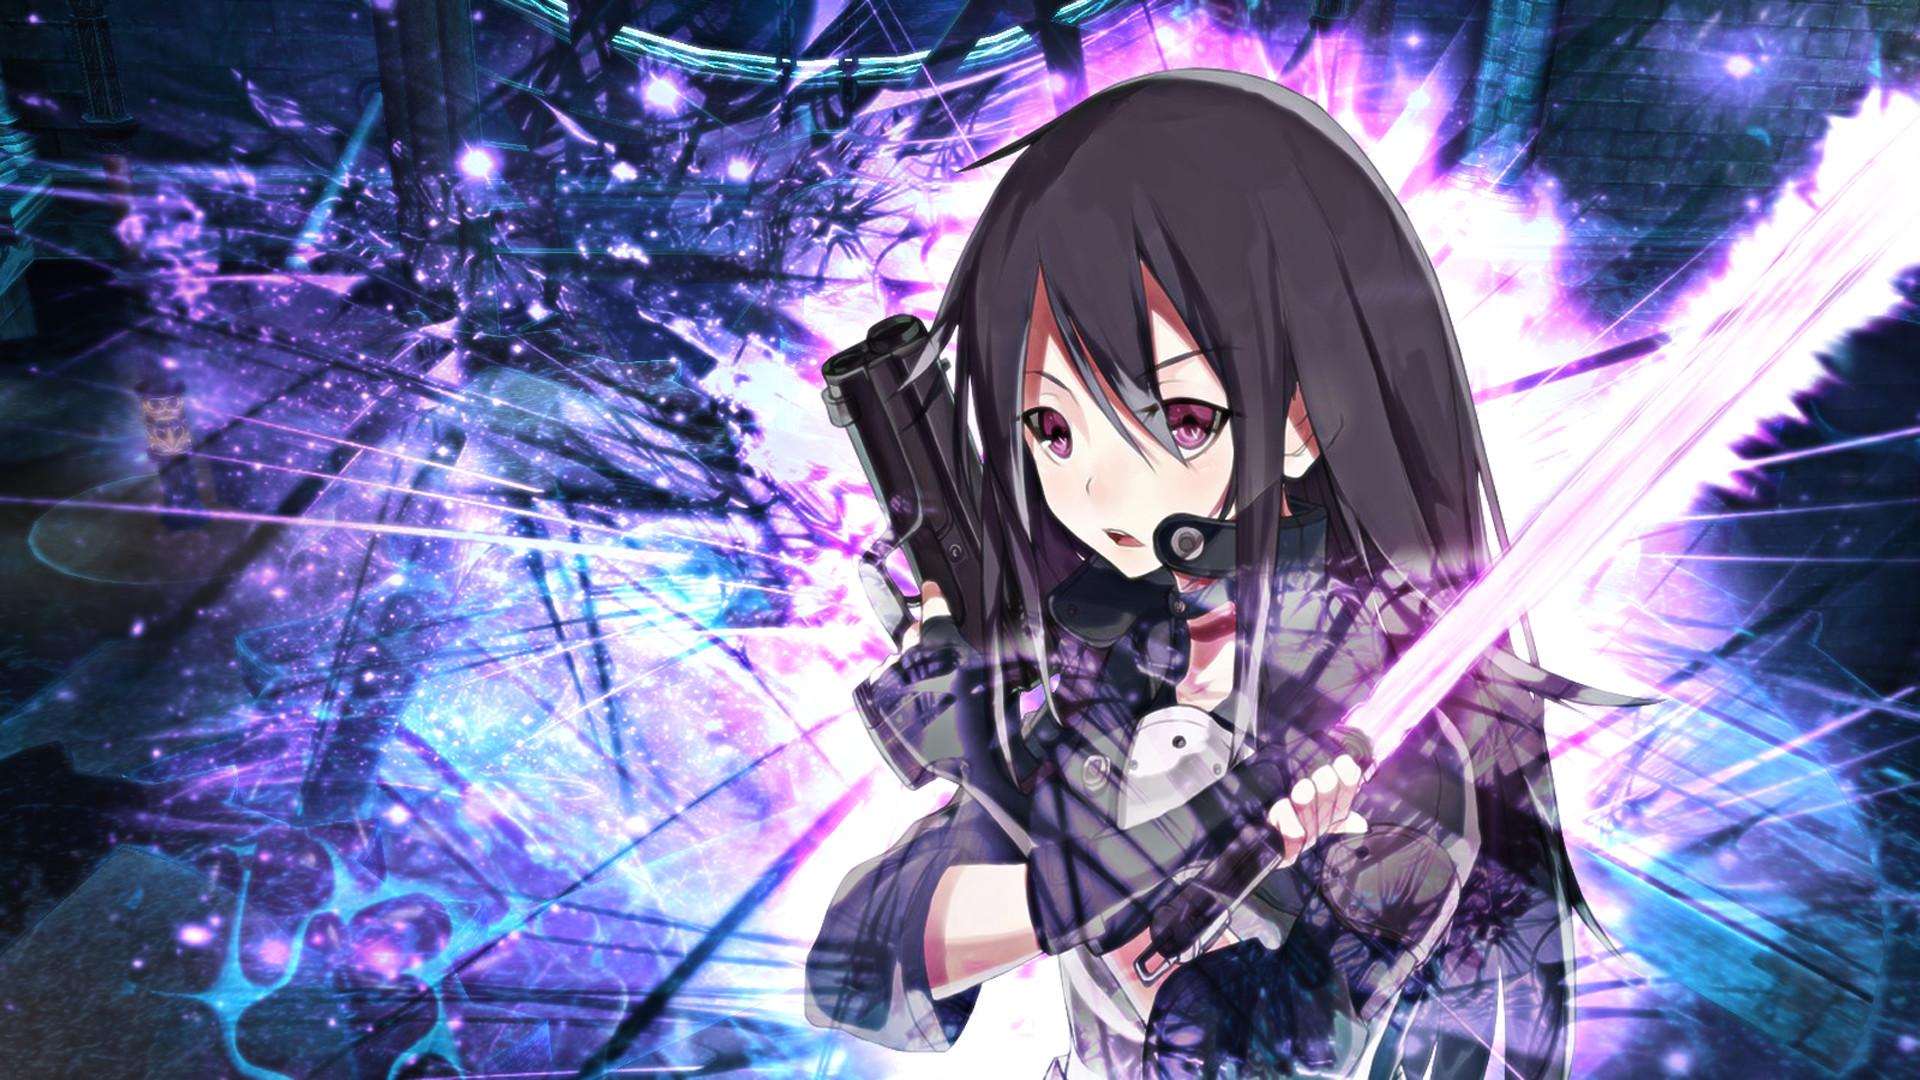 Kirito Gun Gale Online 7w HD Wallpaper